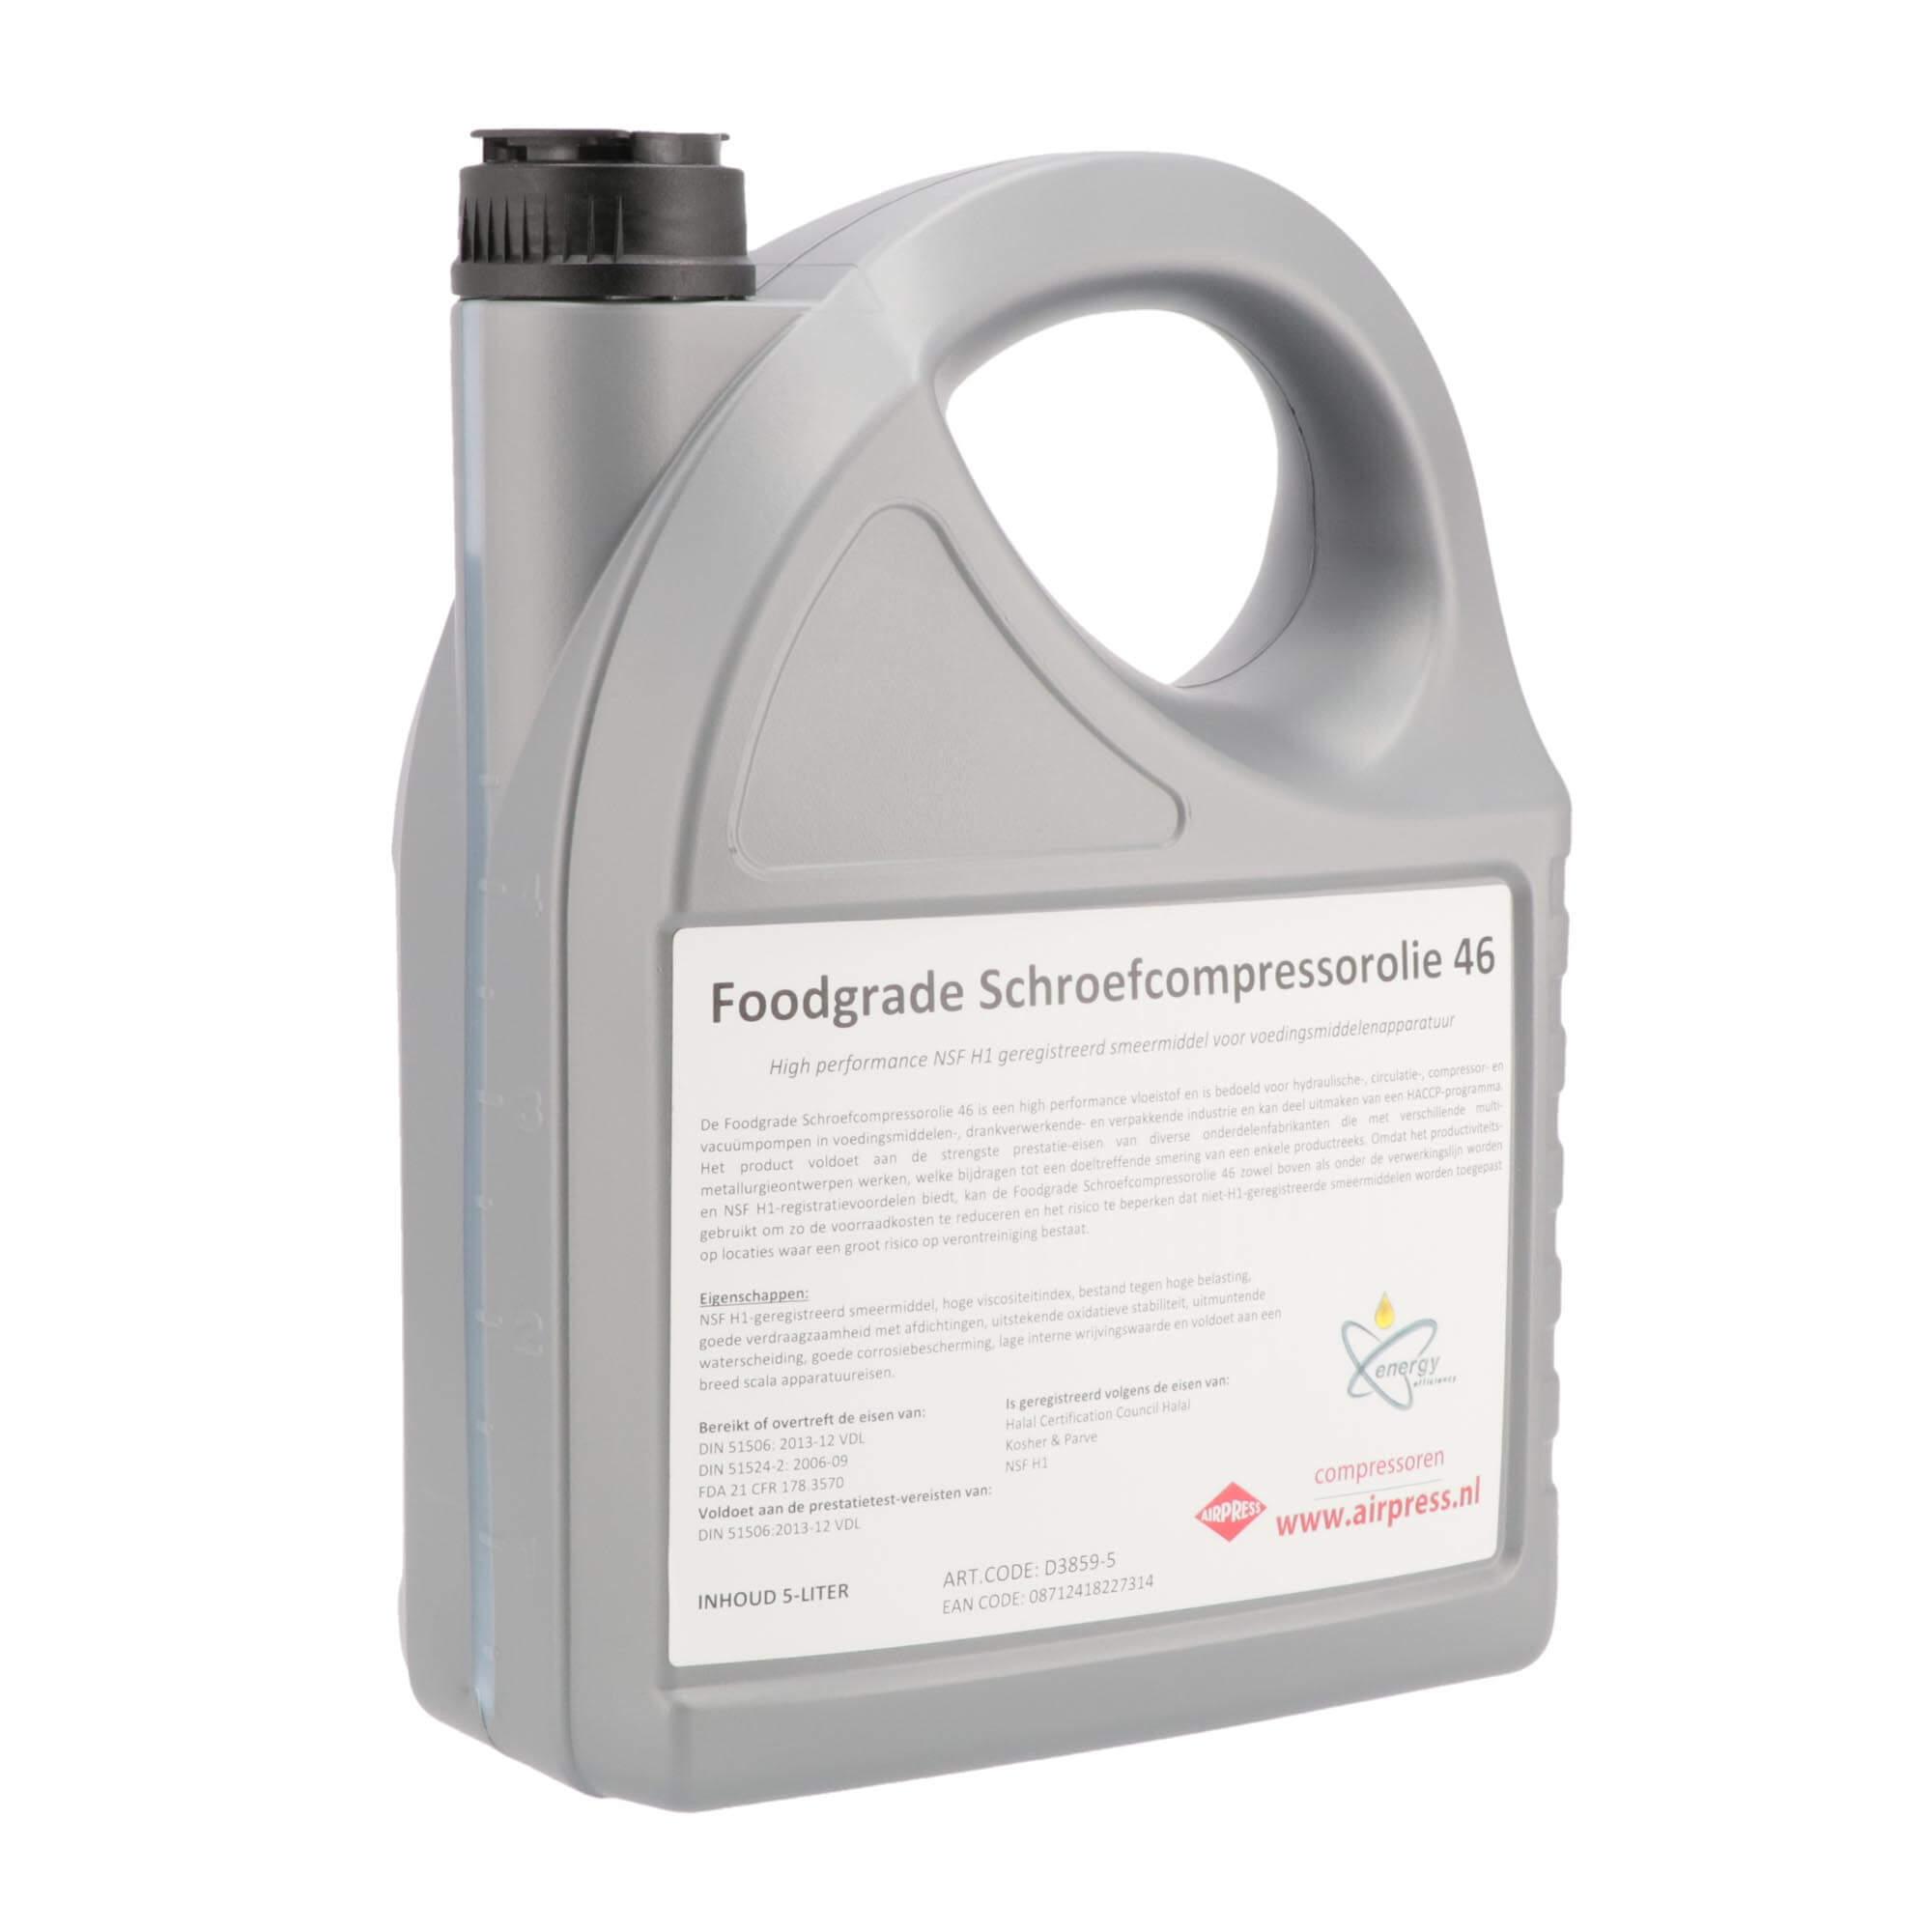 Schroefcompressor olie 5 l foodgrade